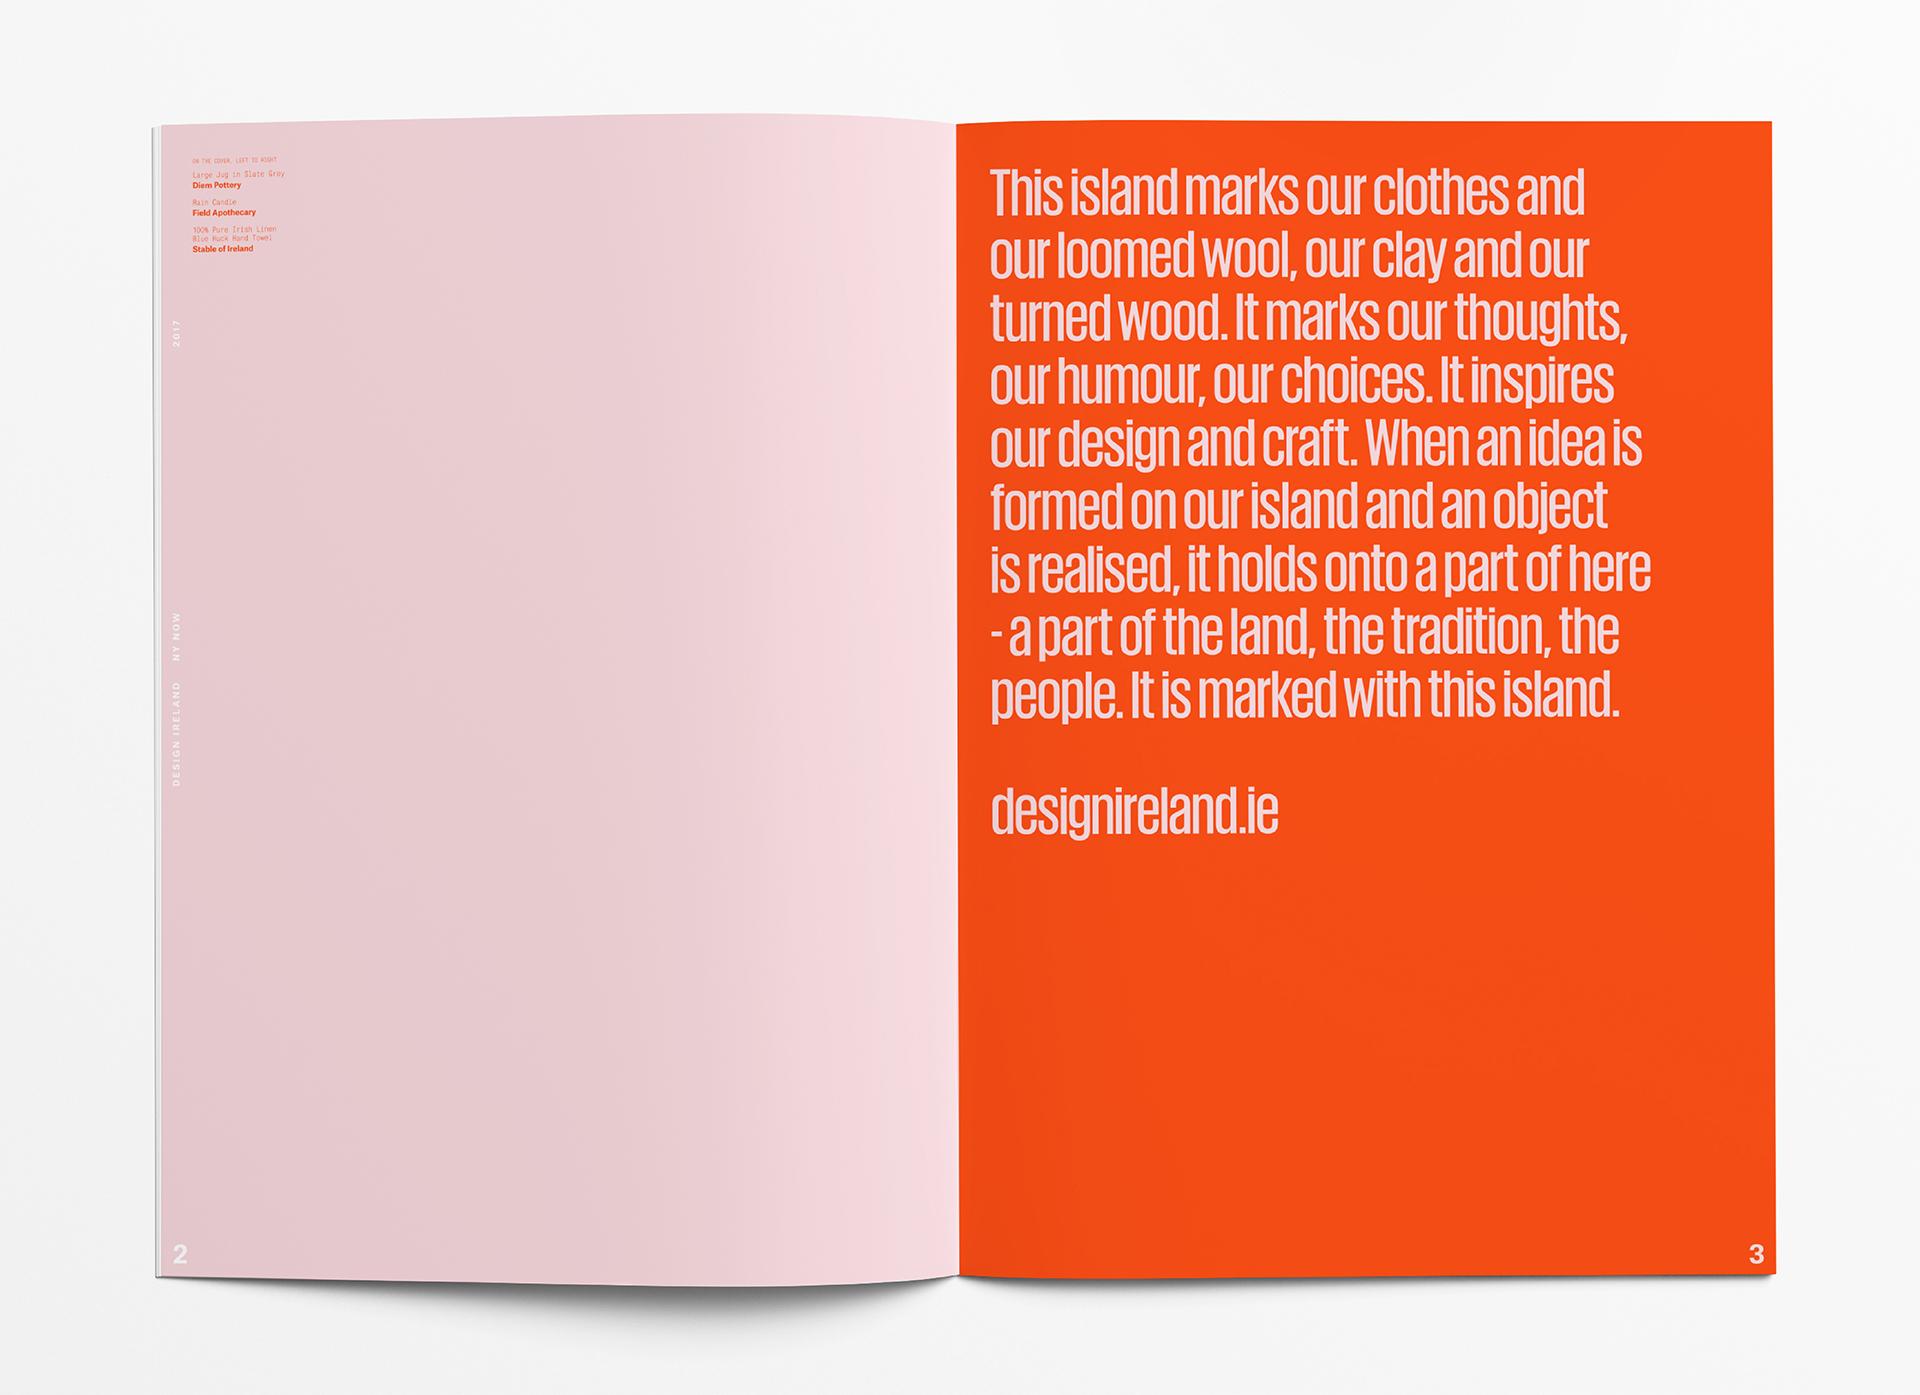 TogtherWeCreate_DesignIreland_DesignIreland_Brochures7.jpg